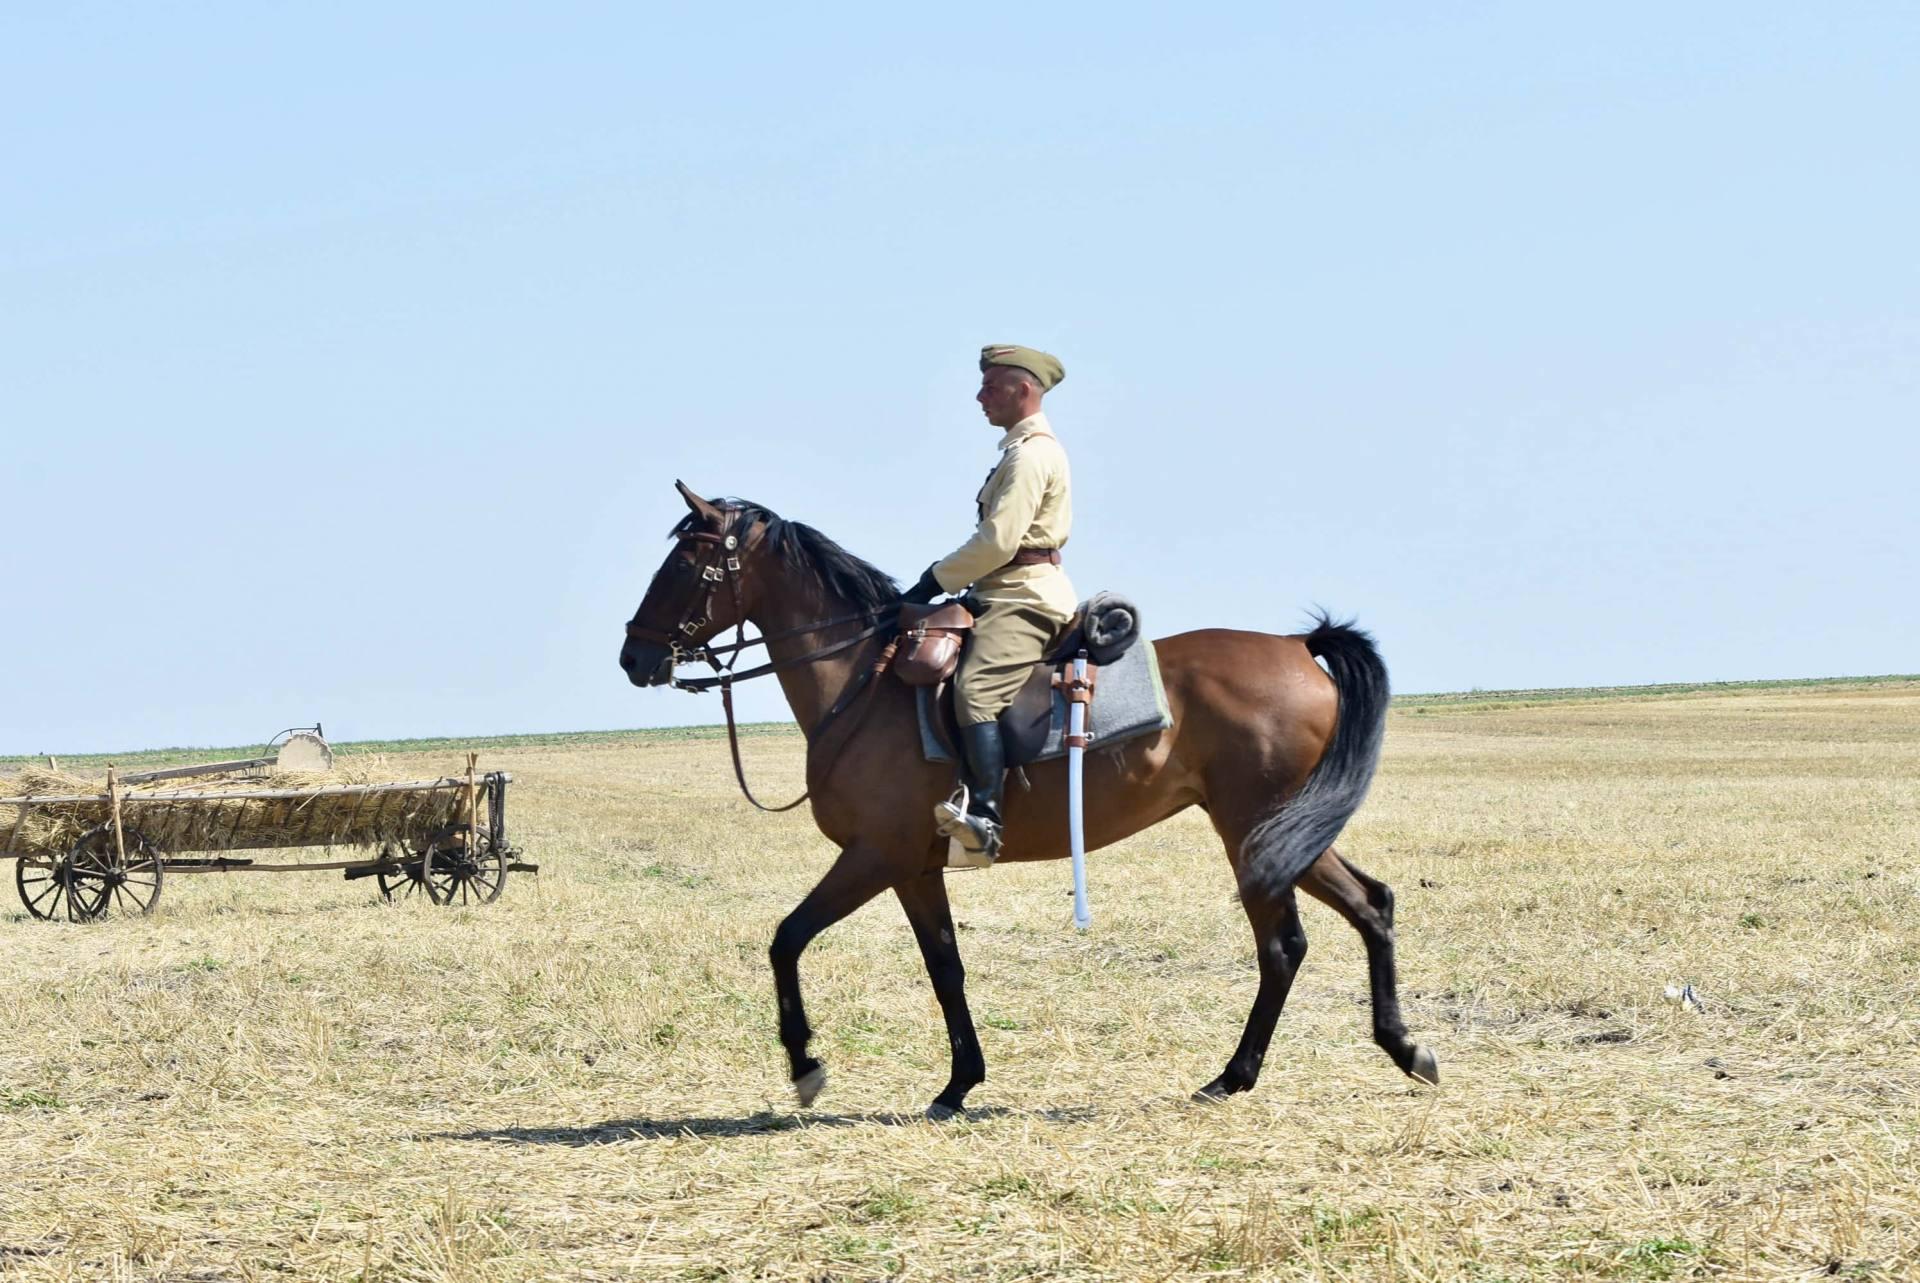 dsc 0565 Czas szabli - 100 rocznica bitwy pod Komarowem(zdjęcia)